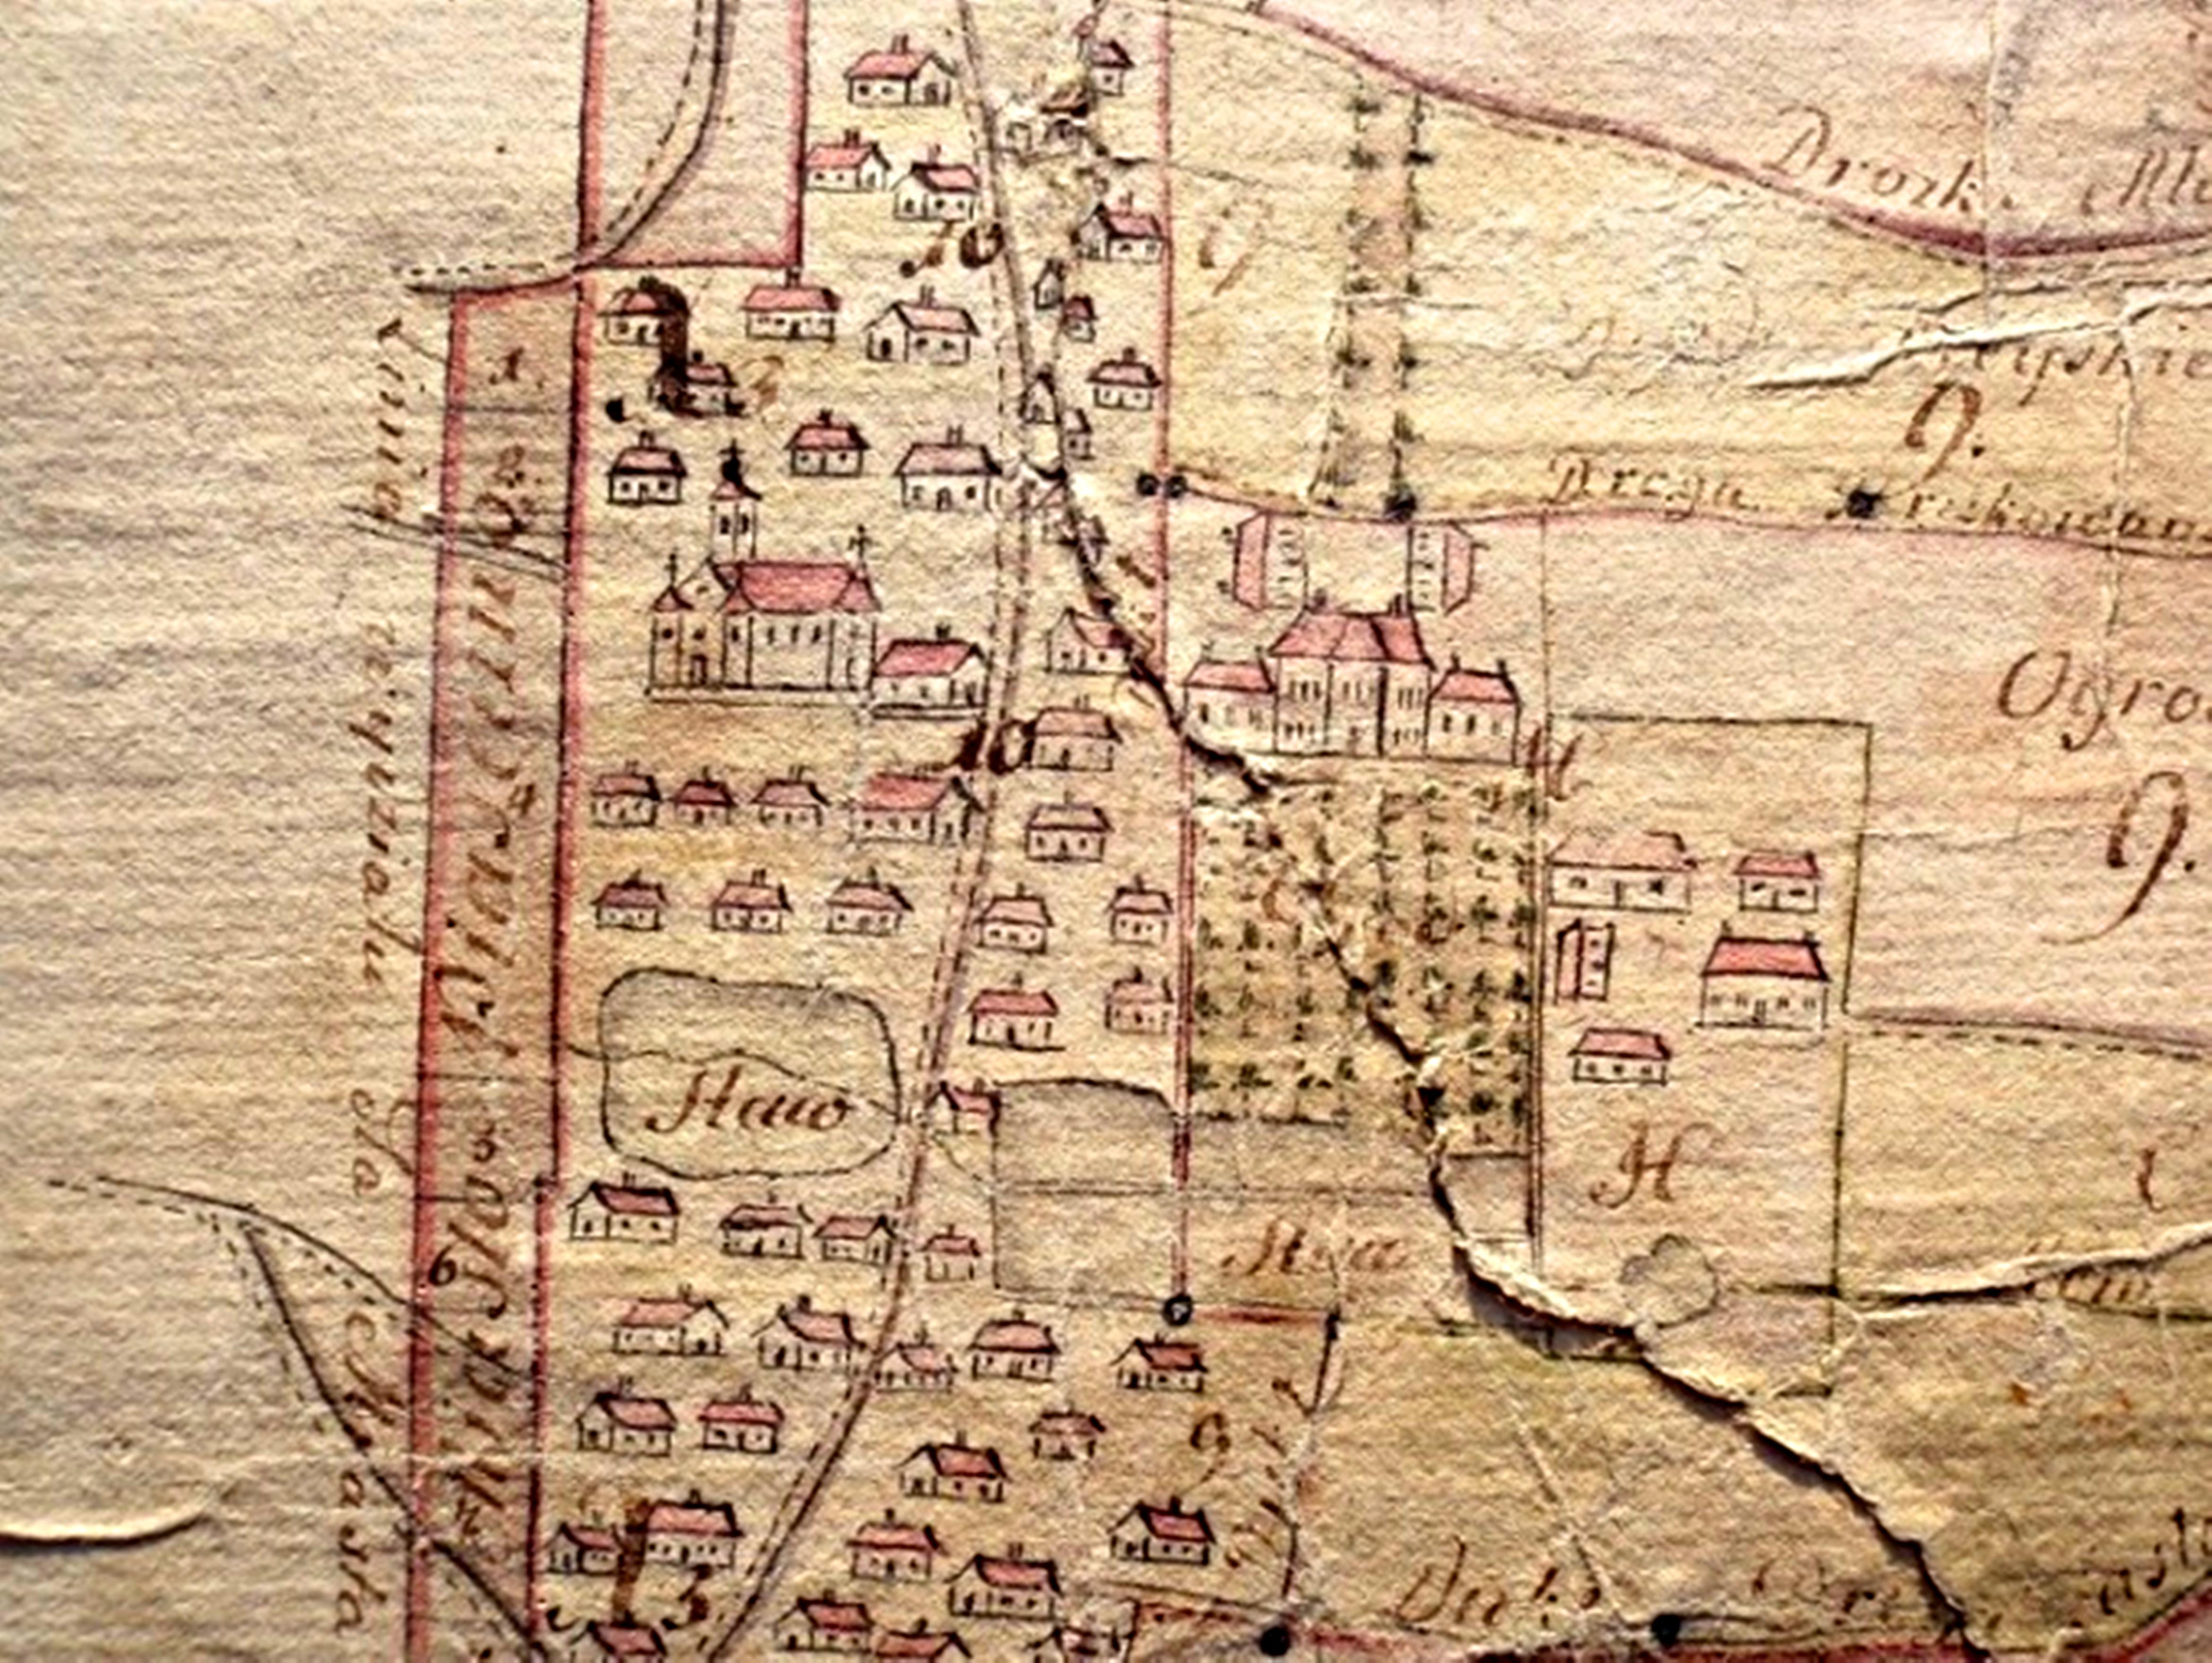 """Plan z 1780 roku - """"Mapa geometryczna miasta Piaseczno"""" sporządzona przez geometrę przysięgłego Antoniego Bojanowicza Foto zbiory muzeum"""